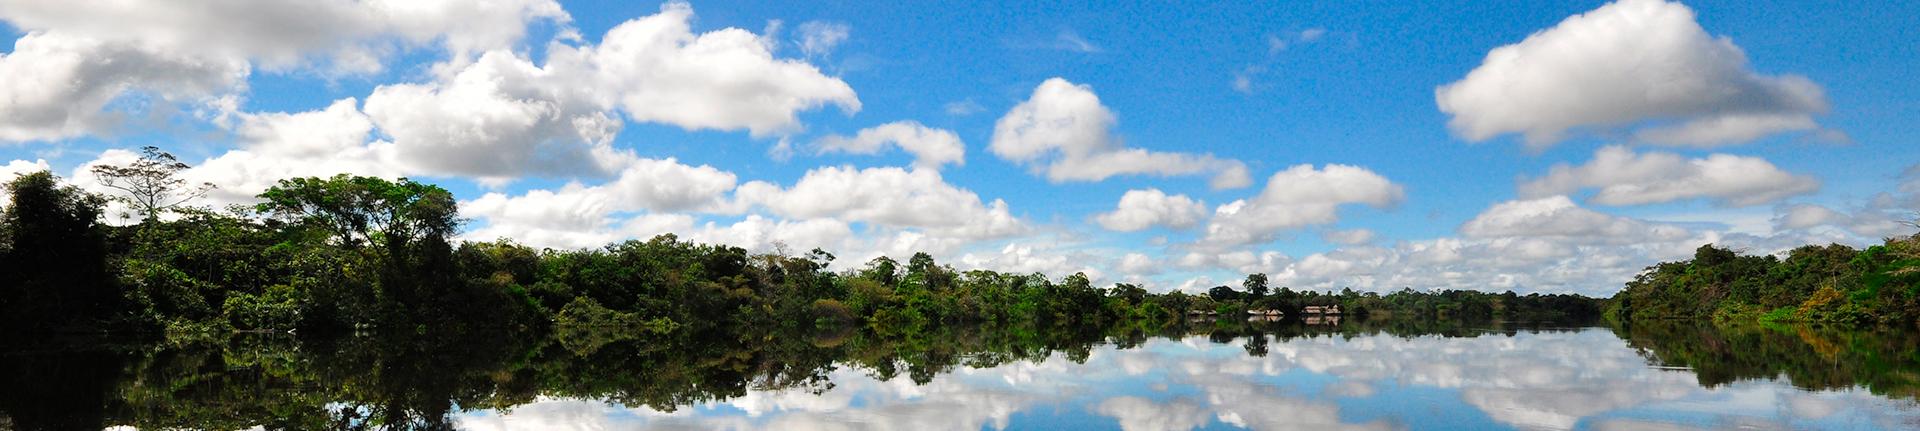 Roteiros incríveis pela Amazônia